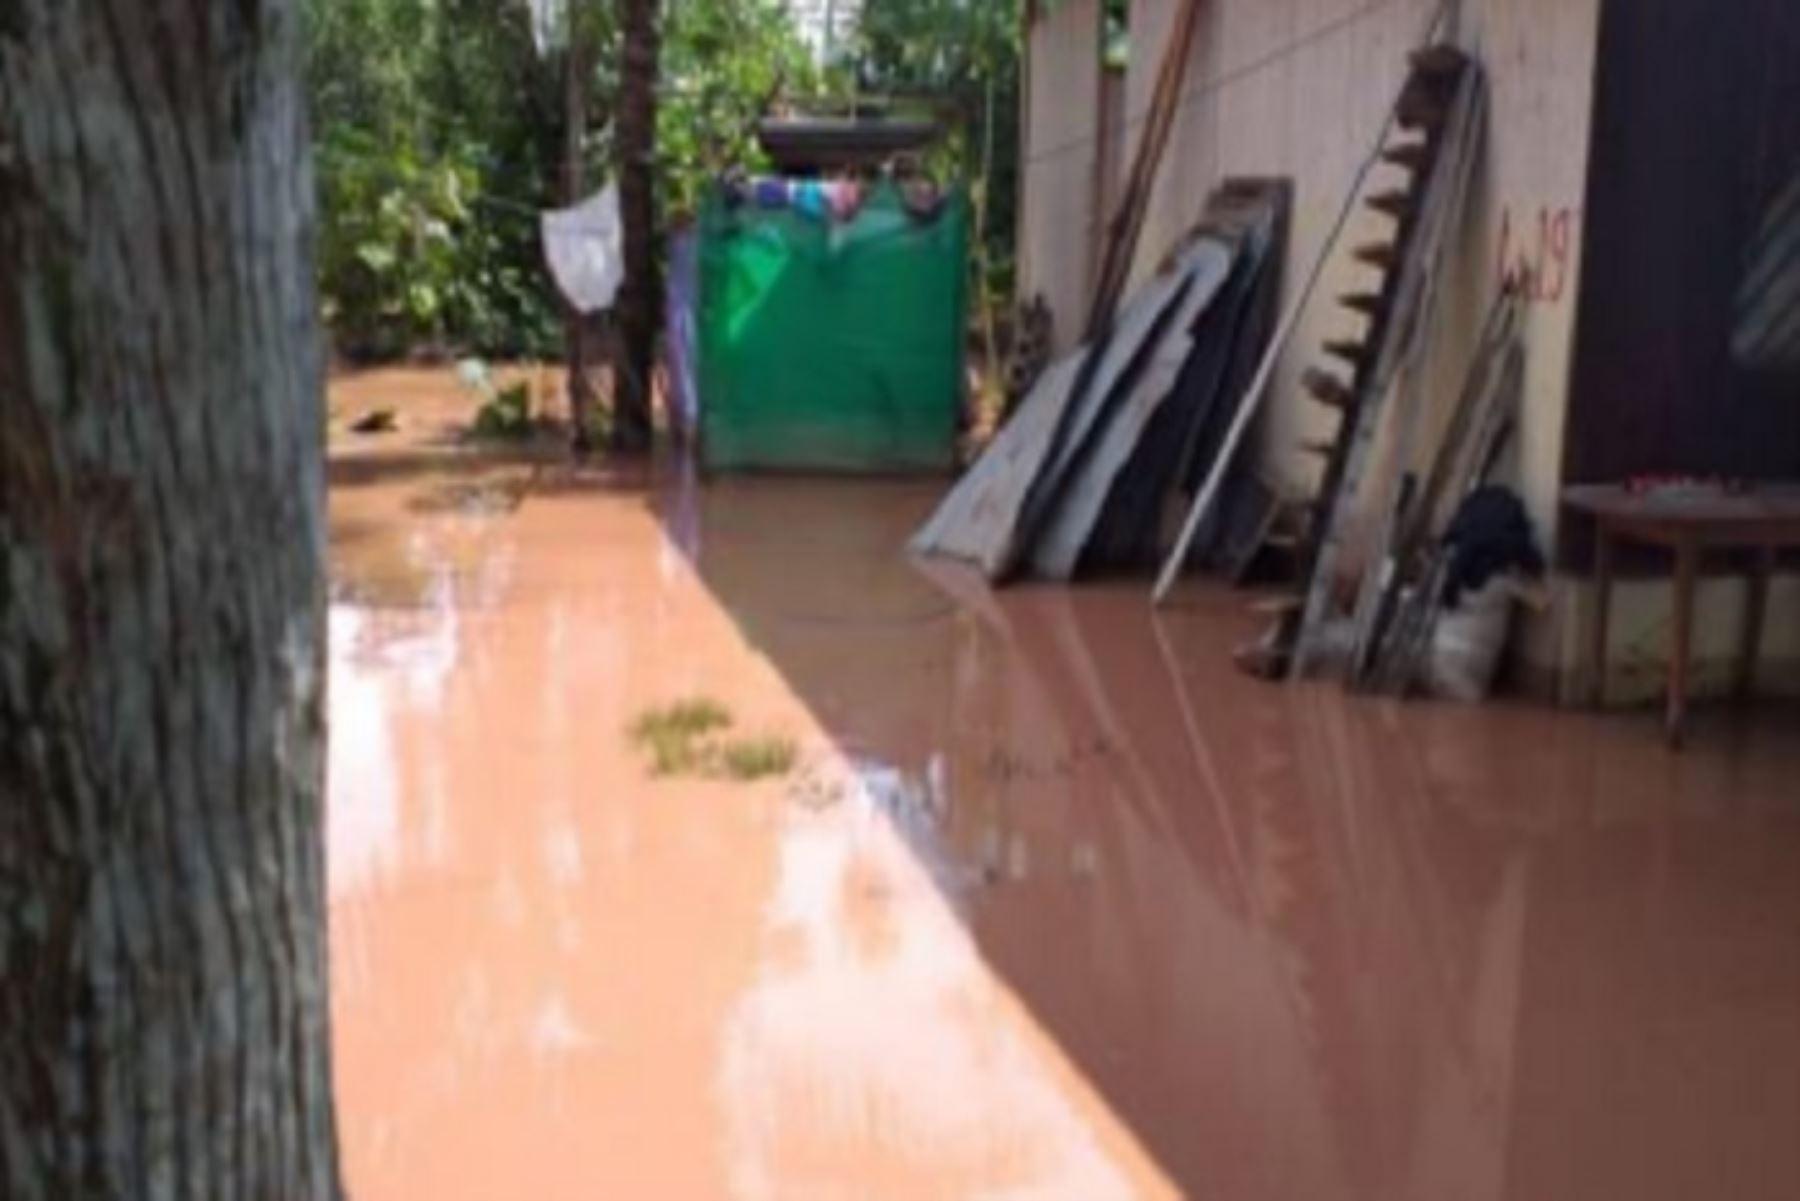 Las familias afectadas por la emergencia que ocurrió en la víspera, pernoctan en viviendas de vecinos y parientes.ANDINA/Difusión